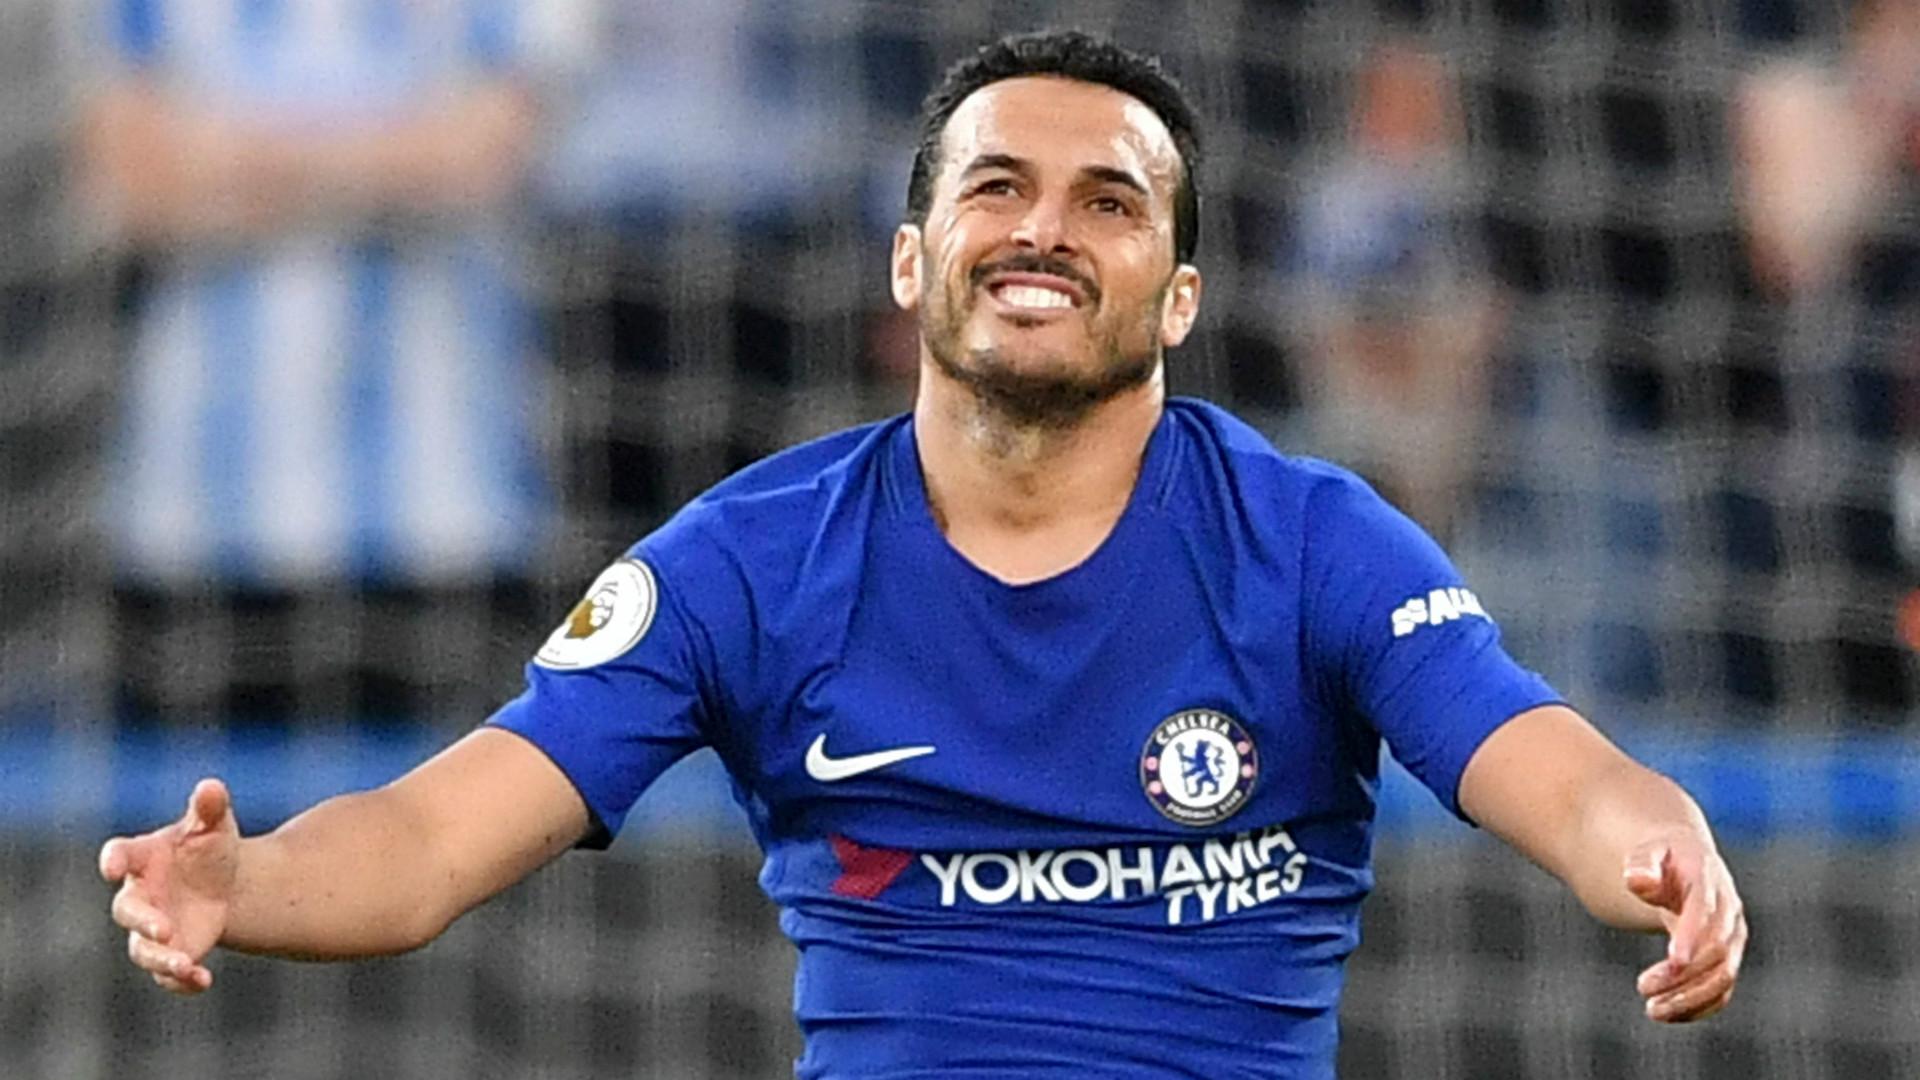 Pedro Chelsea 2017-18